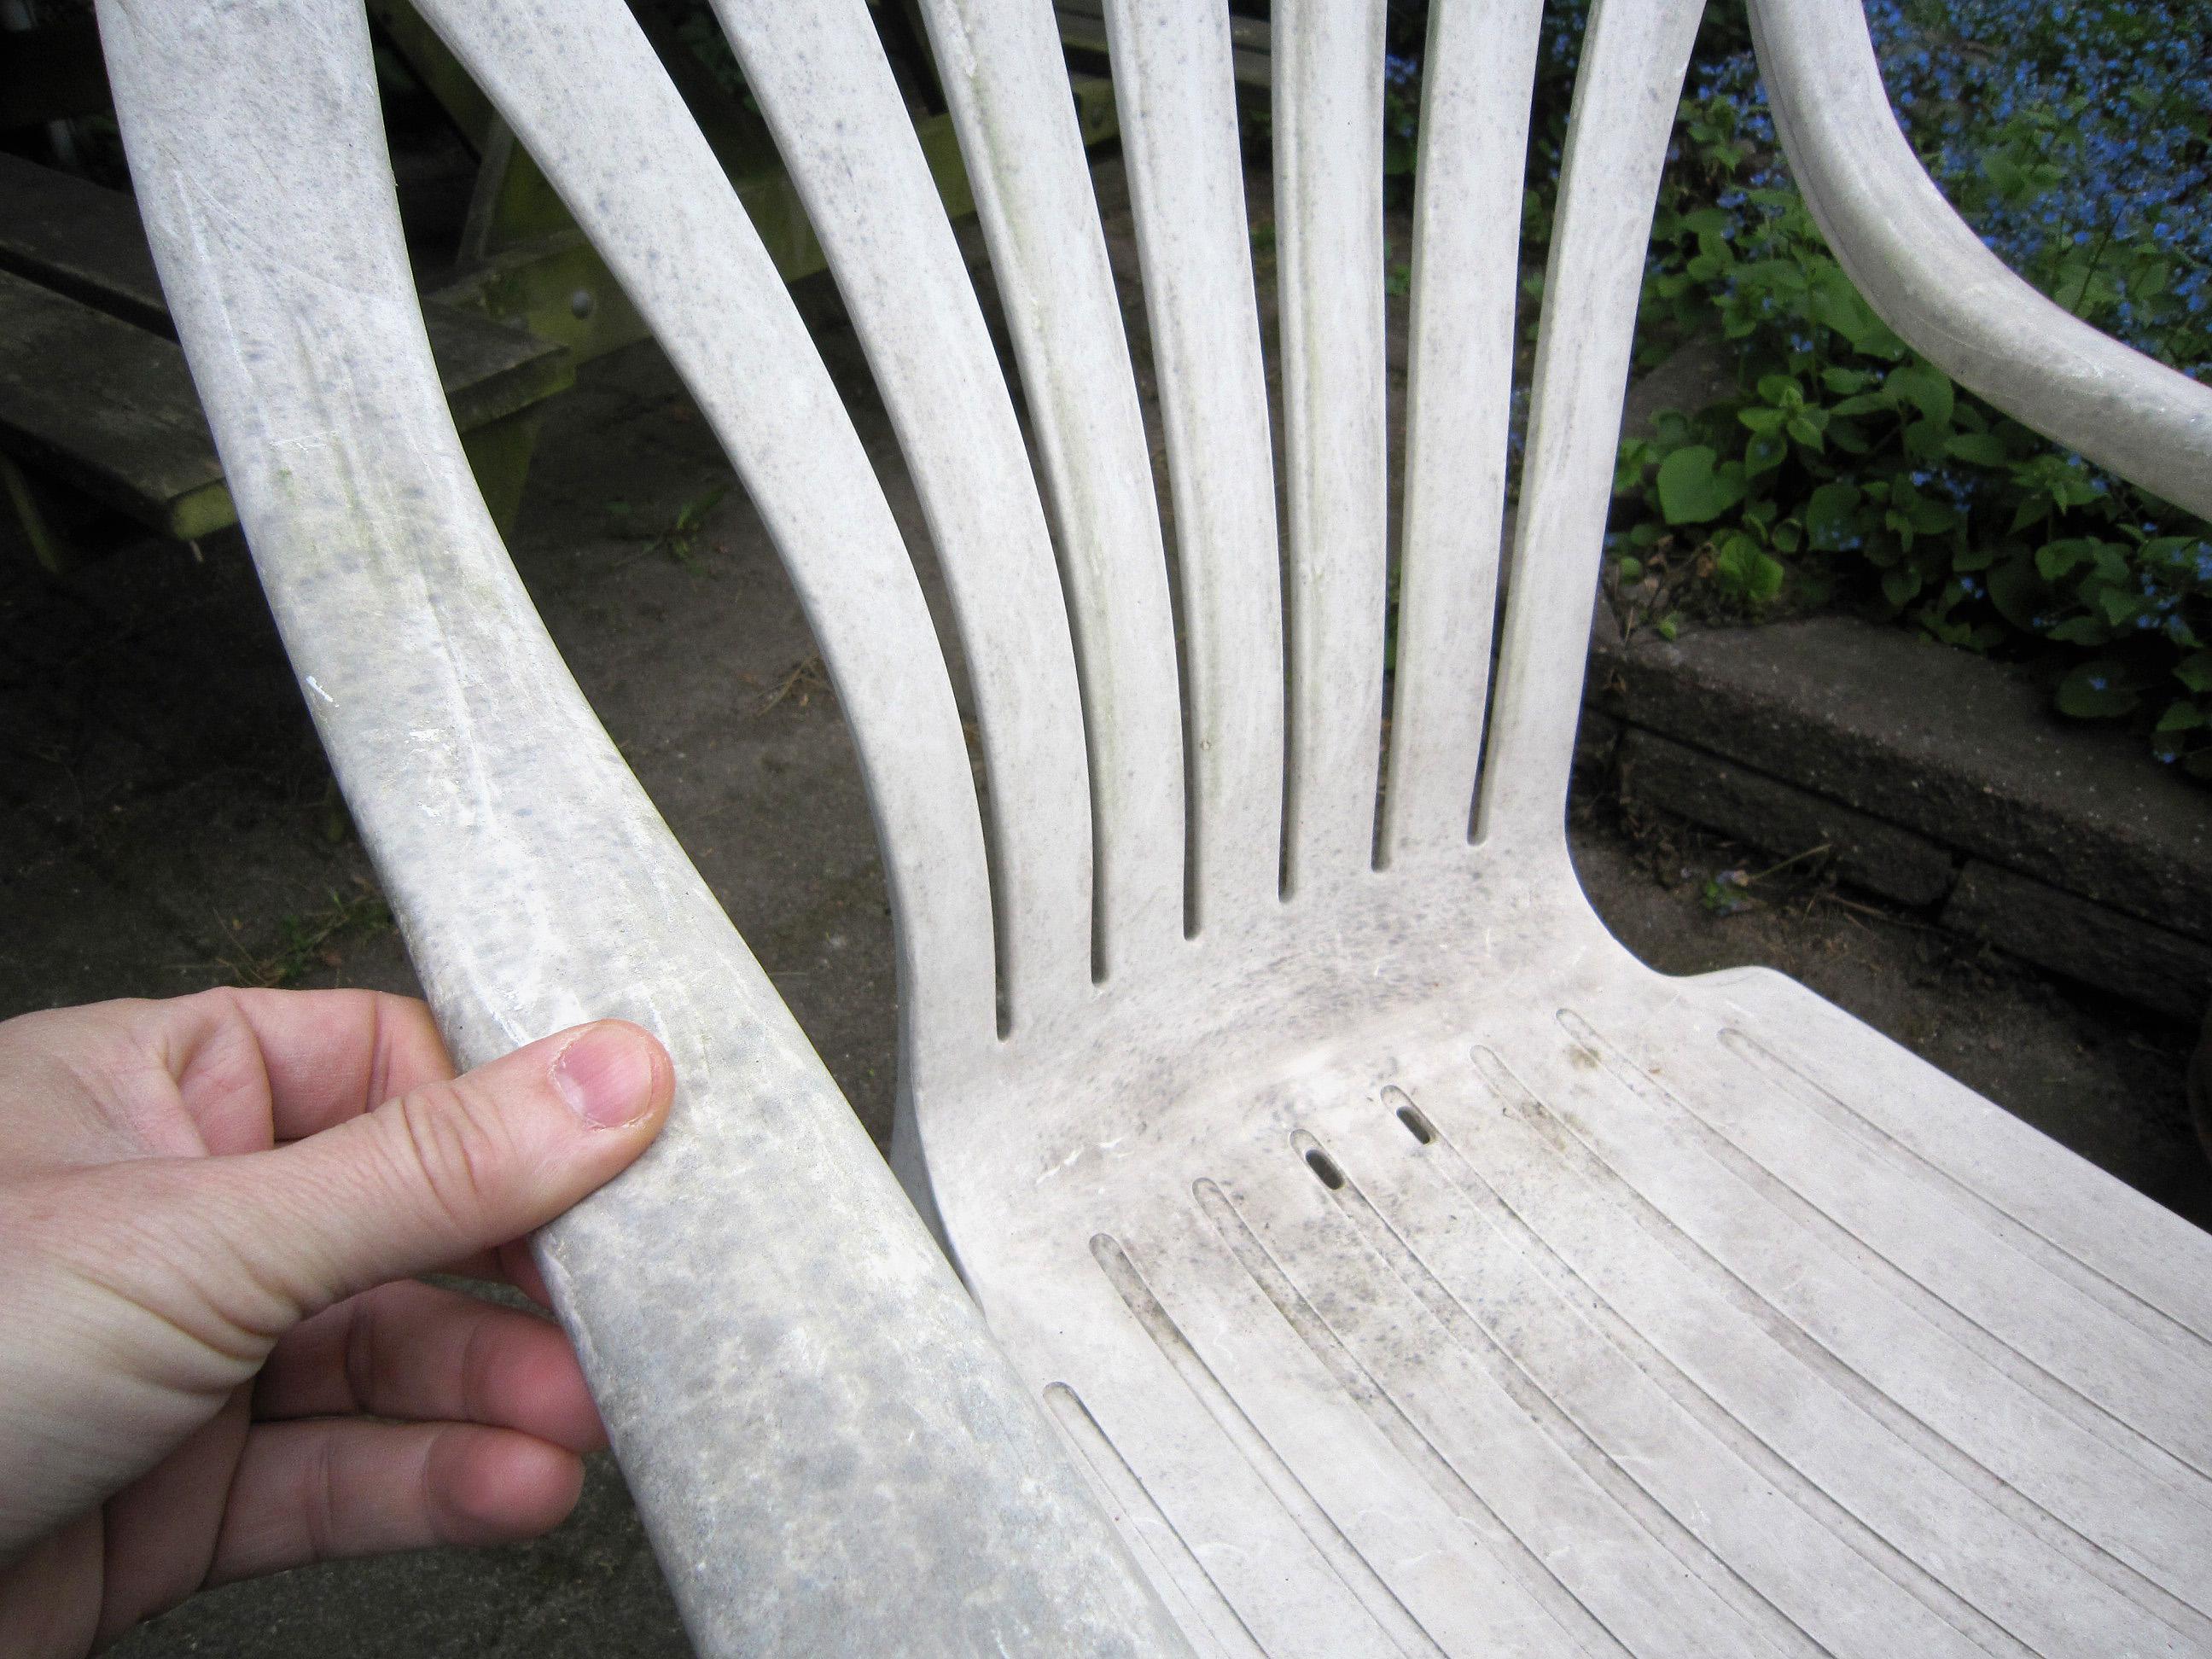 Rensning af stole og borde af plastik | Plastikmøbler kan rengøres!